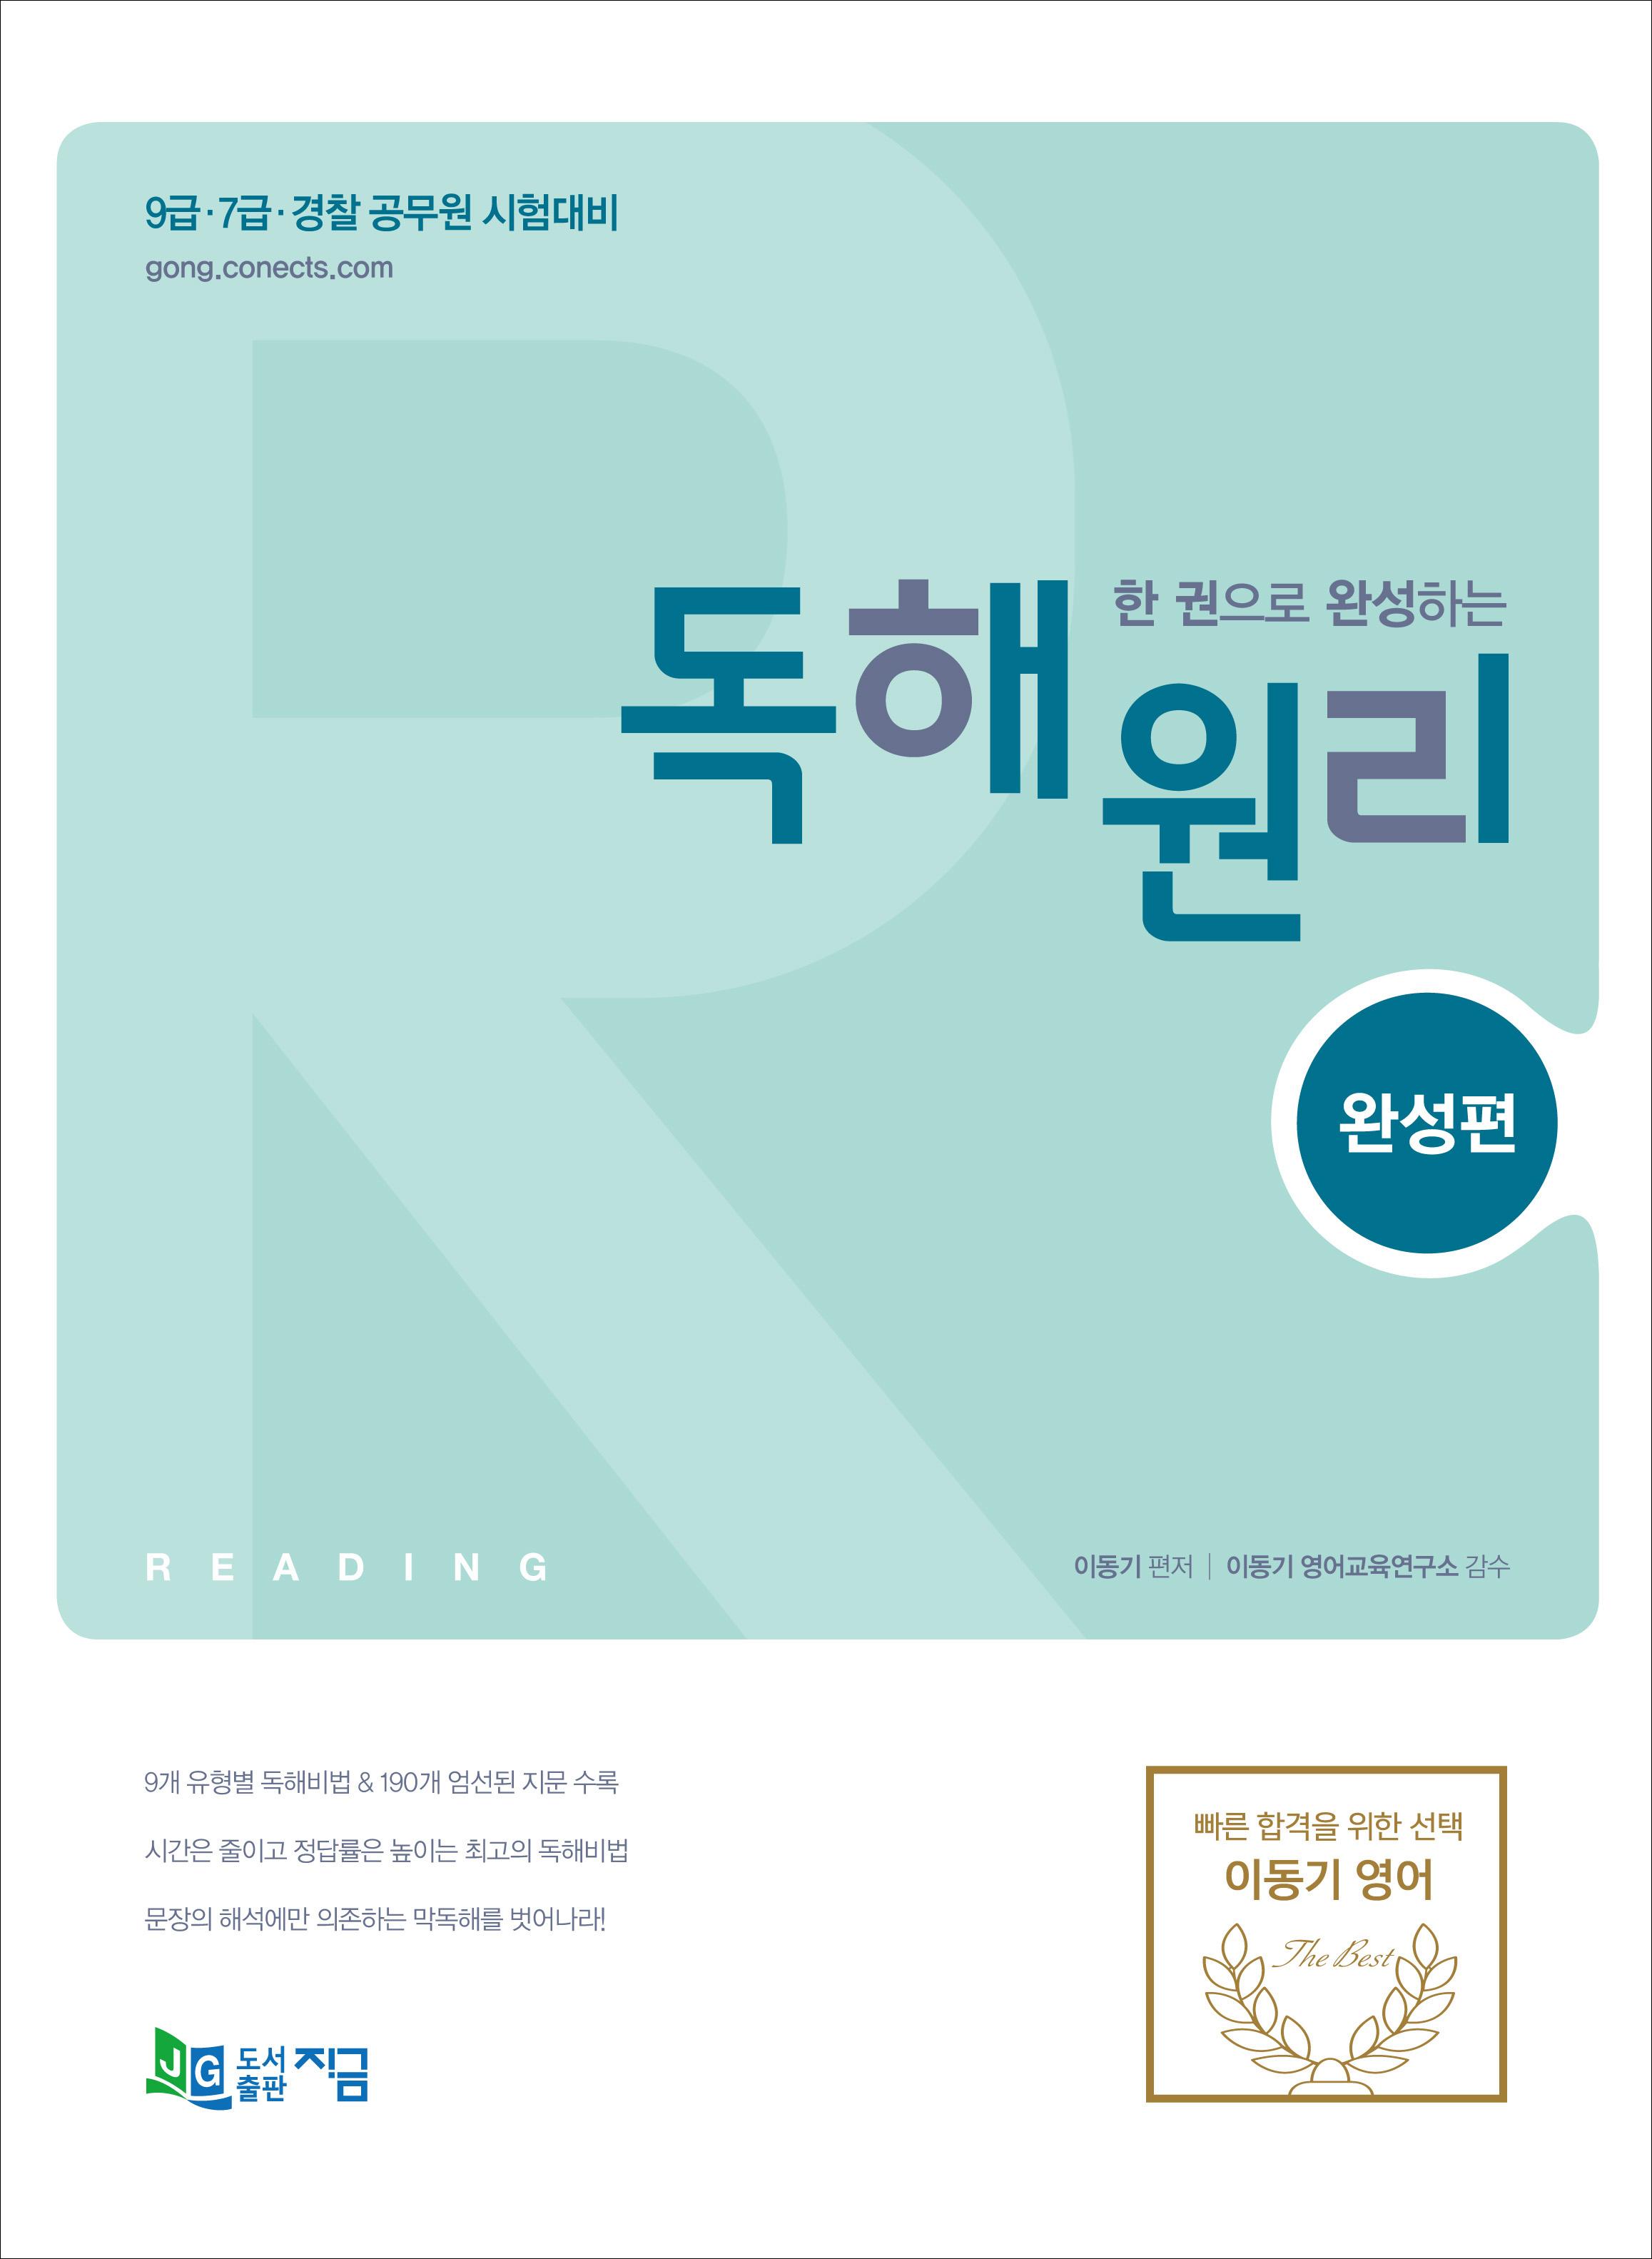 2019 이동기 한 권으로 완성하는 독해원리 [완성편]